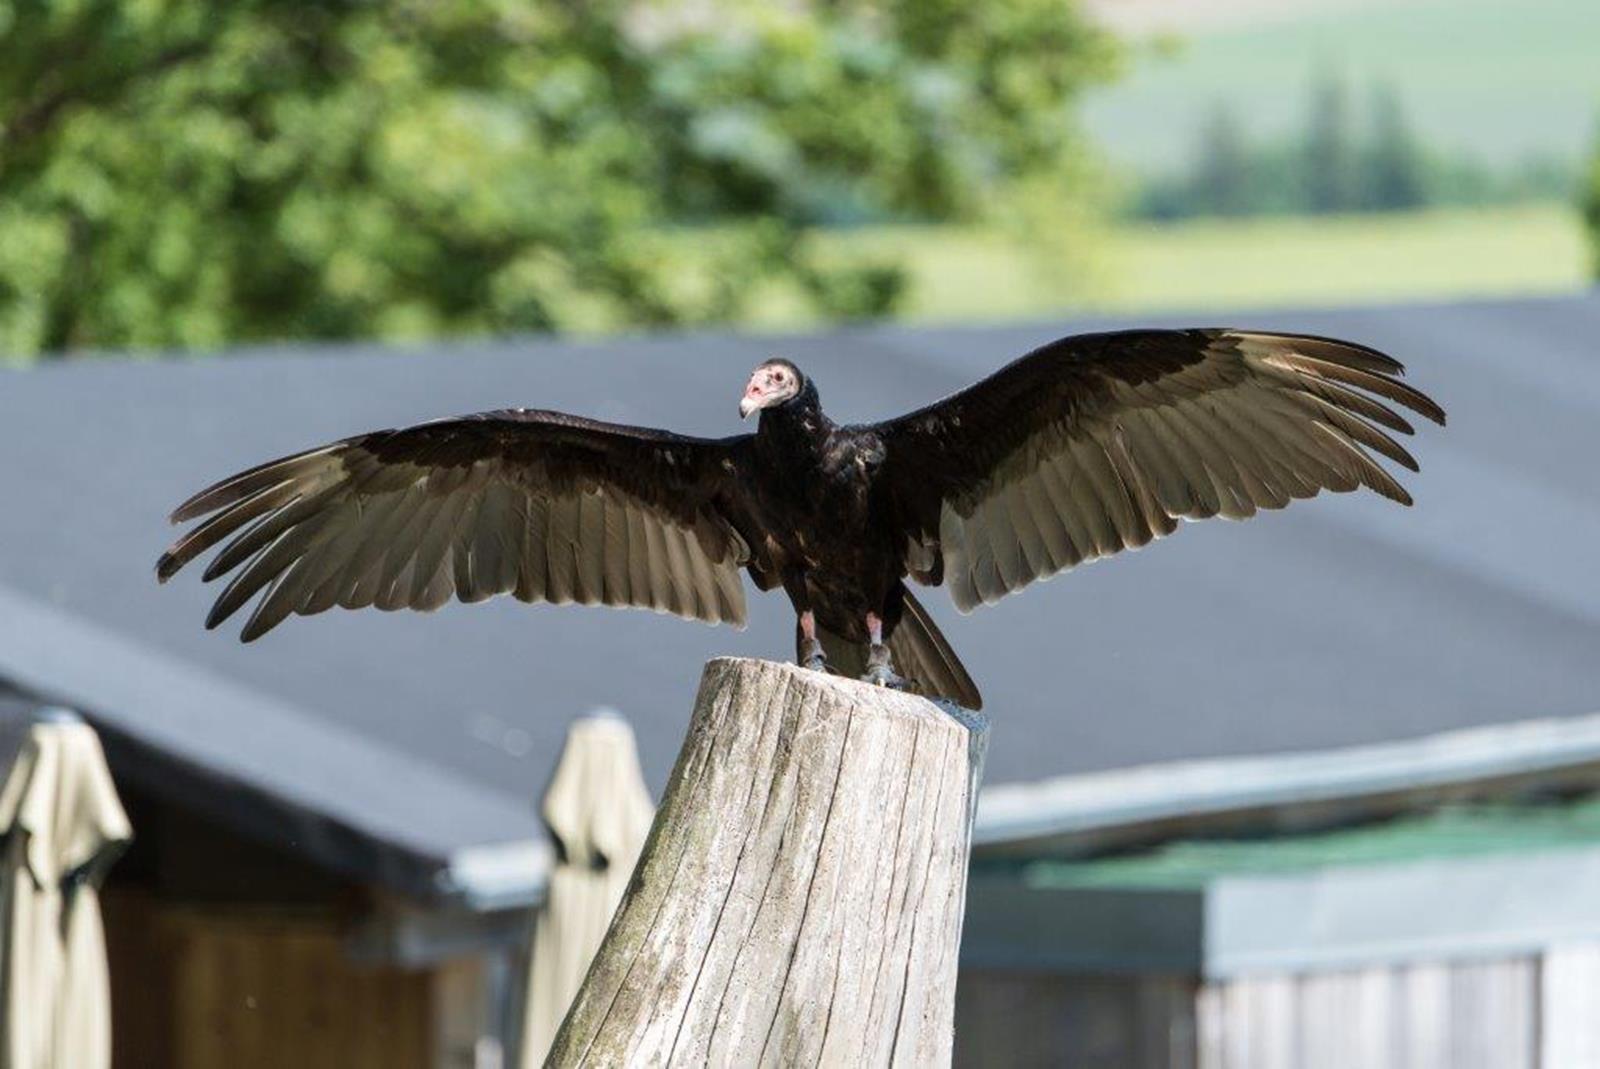 Greifvogelpark Wunsiedel